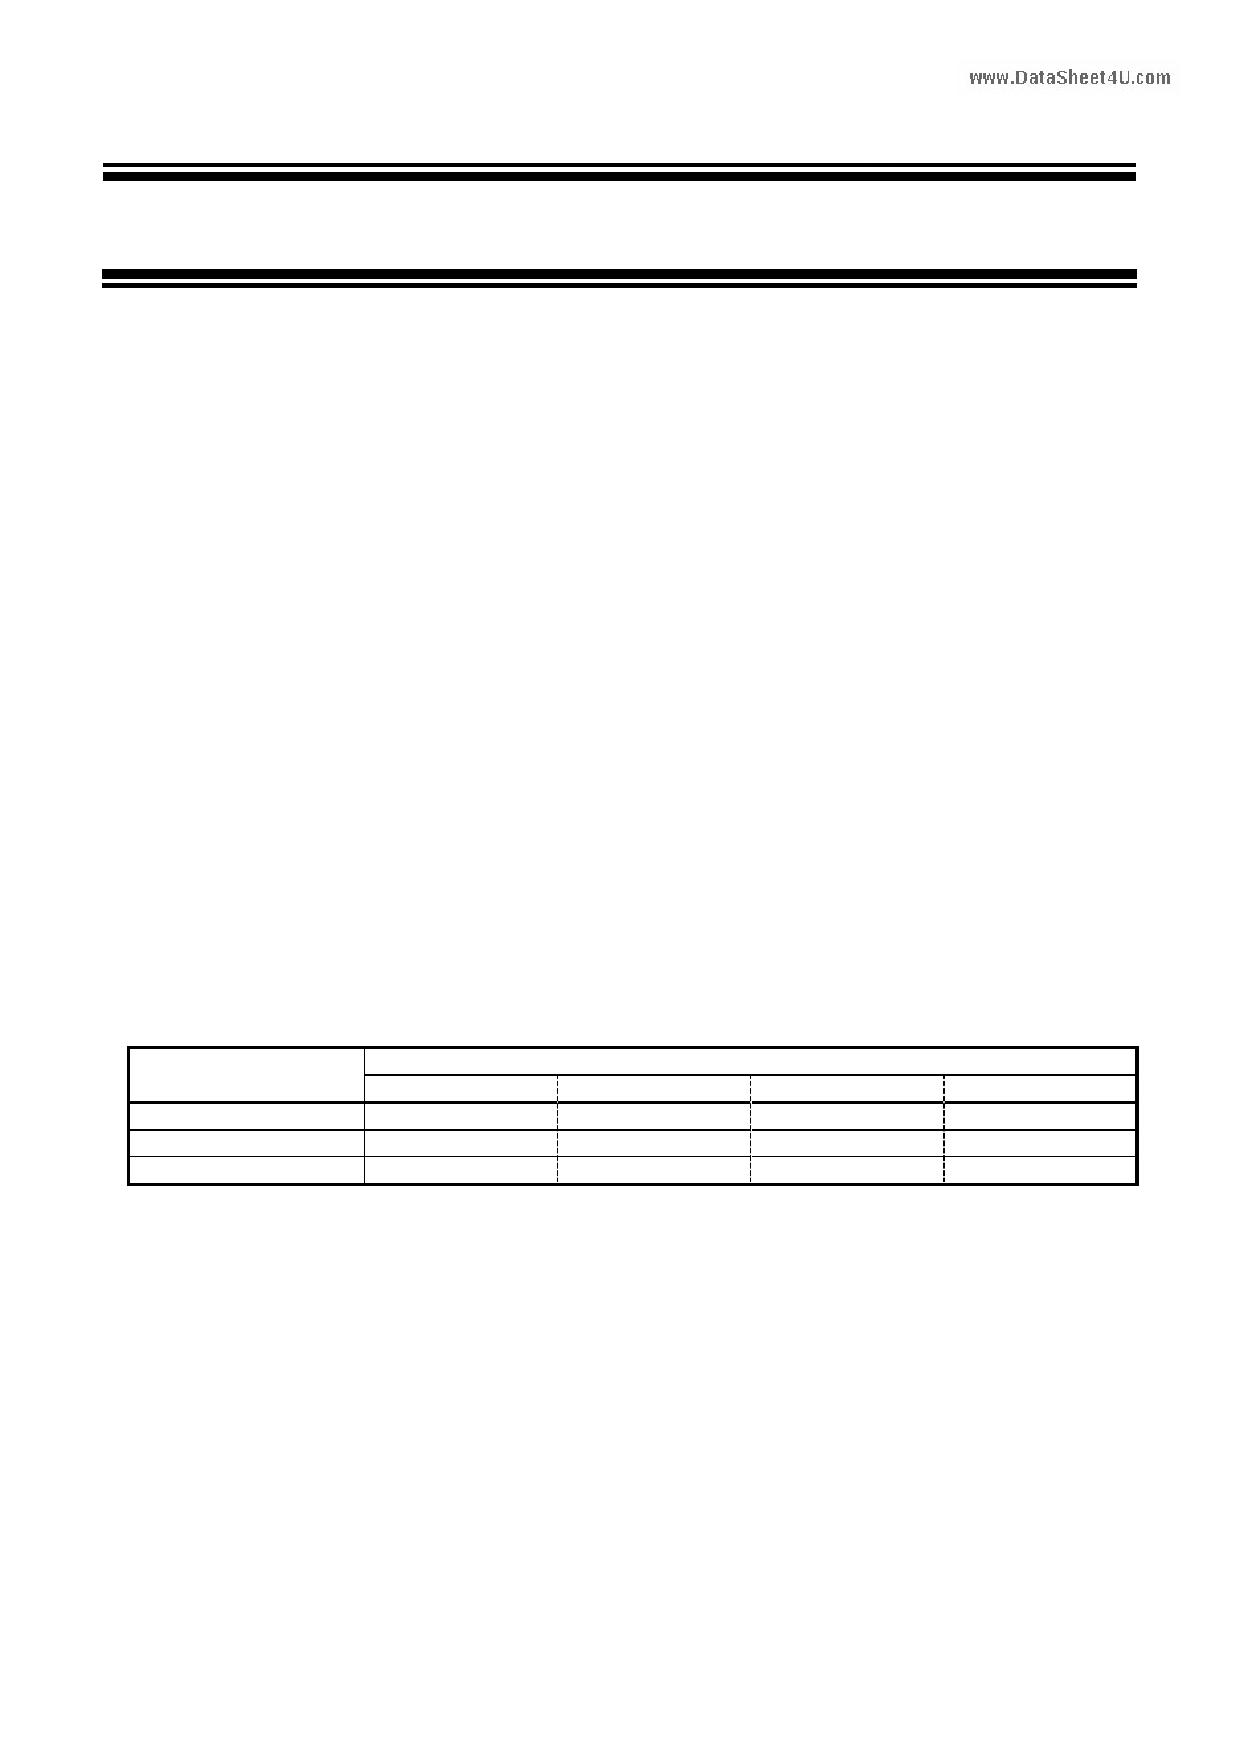 S-80957C datasheet